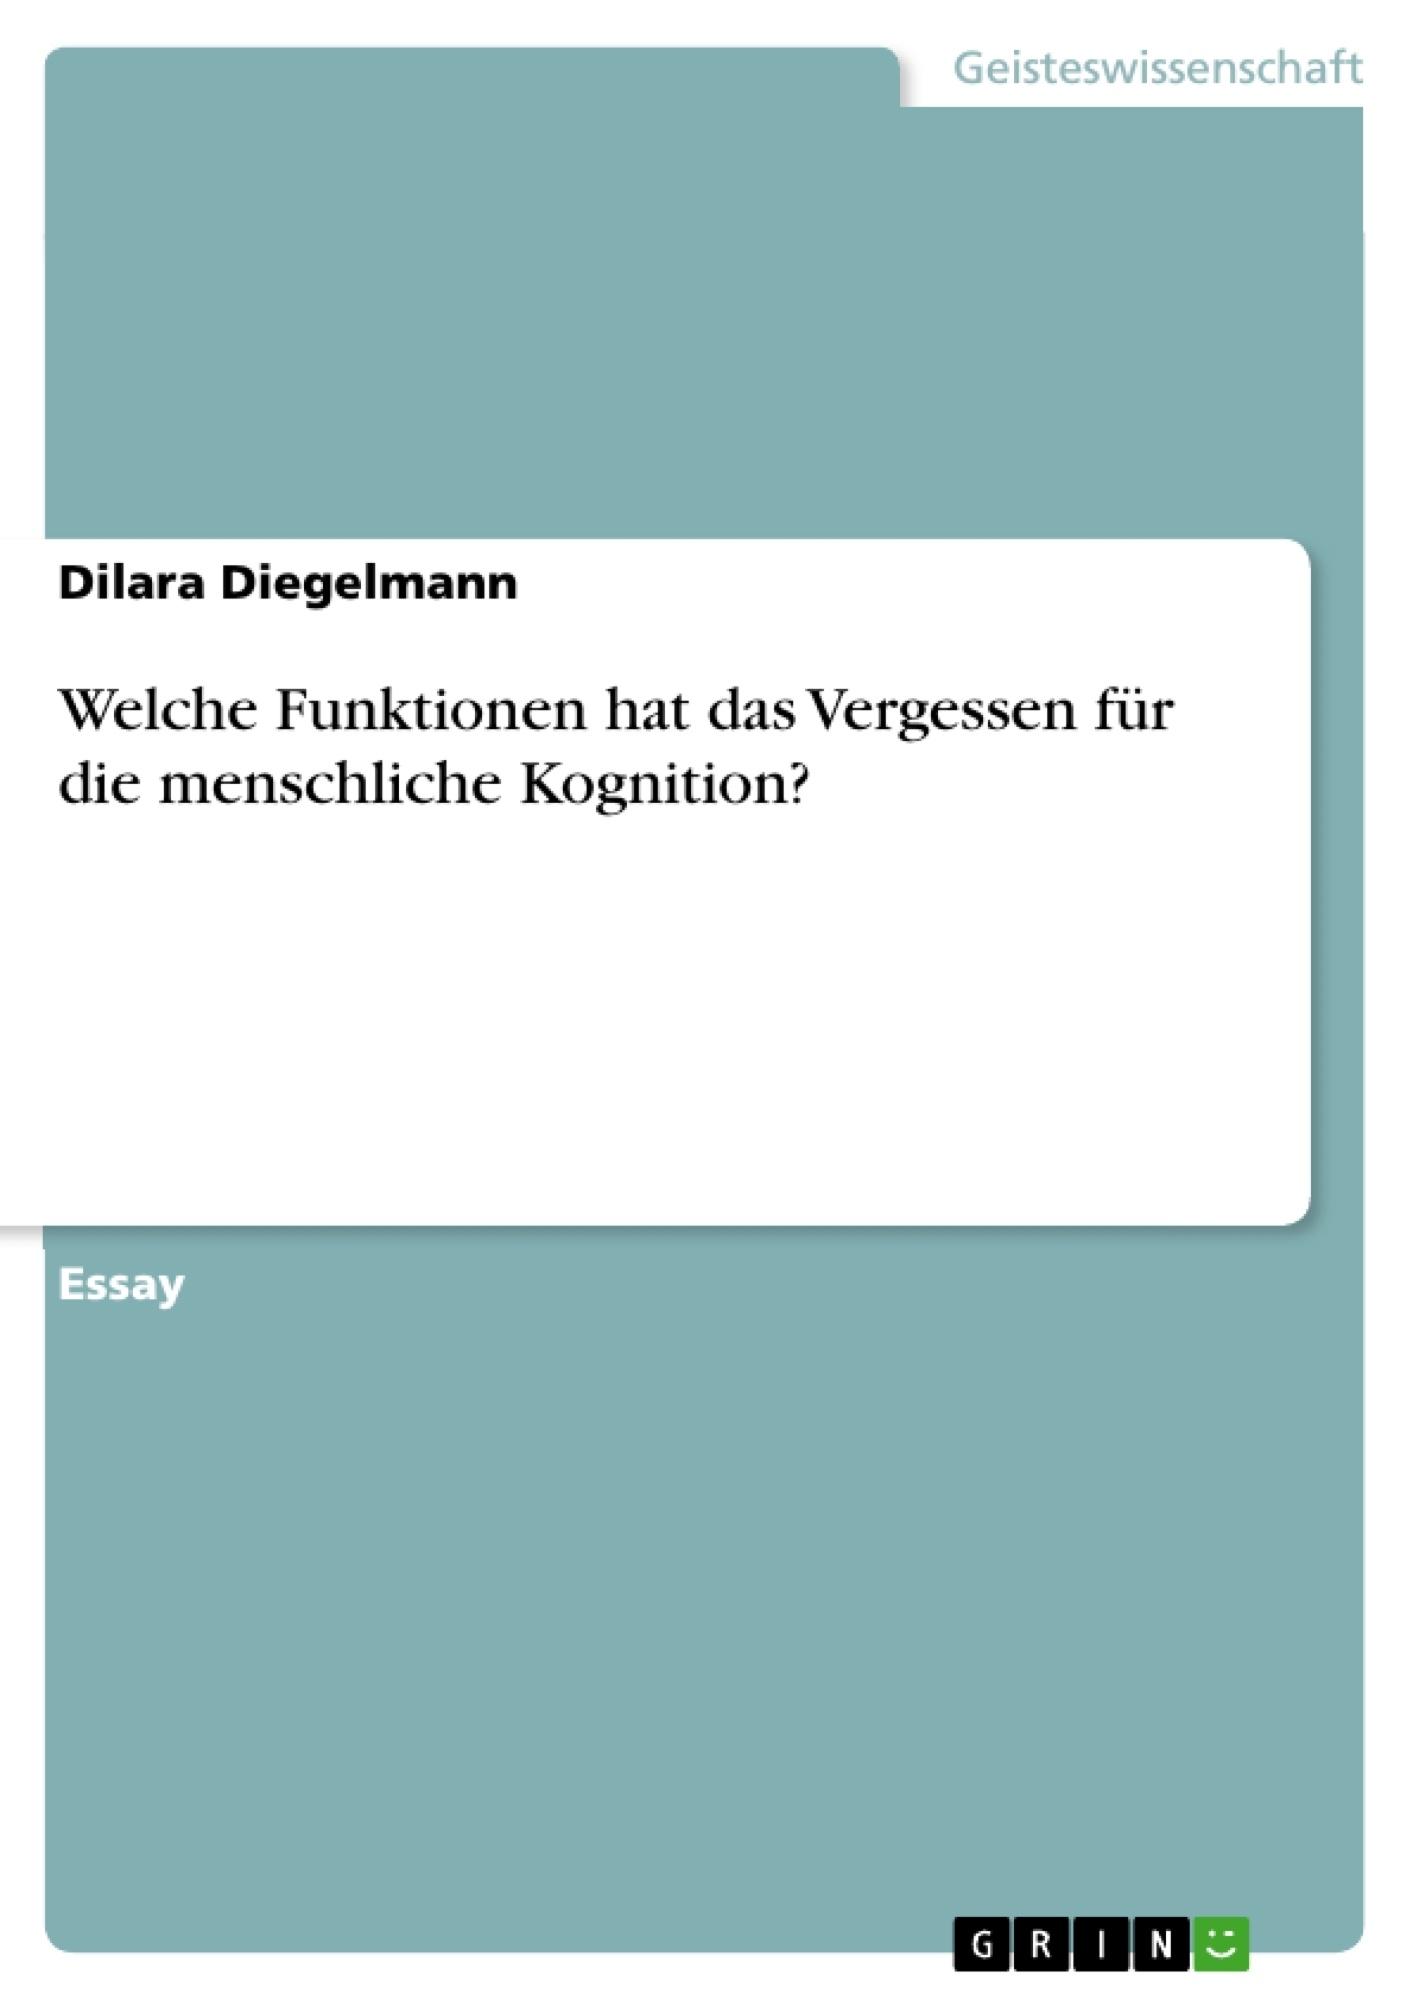 Titel: Welche Funktionen hat das Vergessen für die menschliche Kognition?